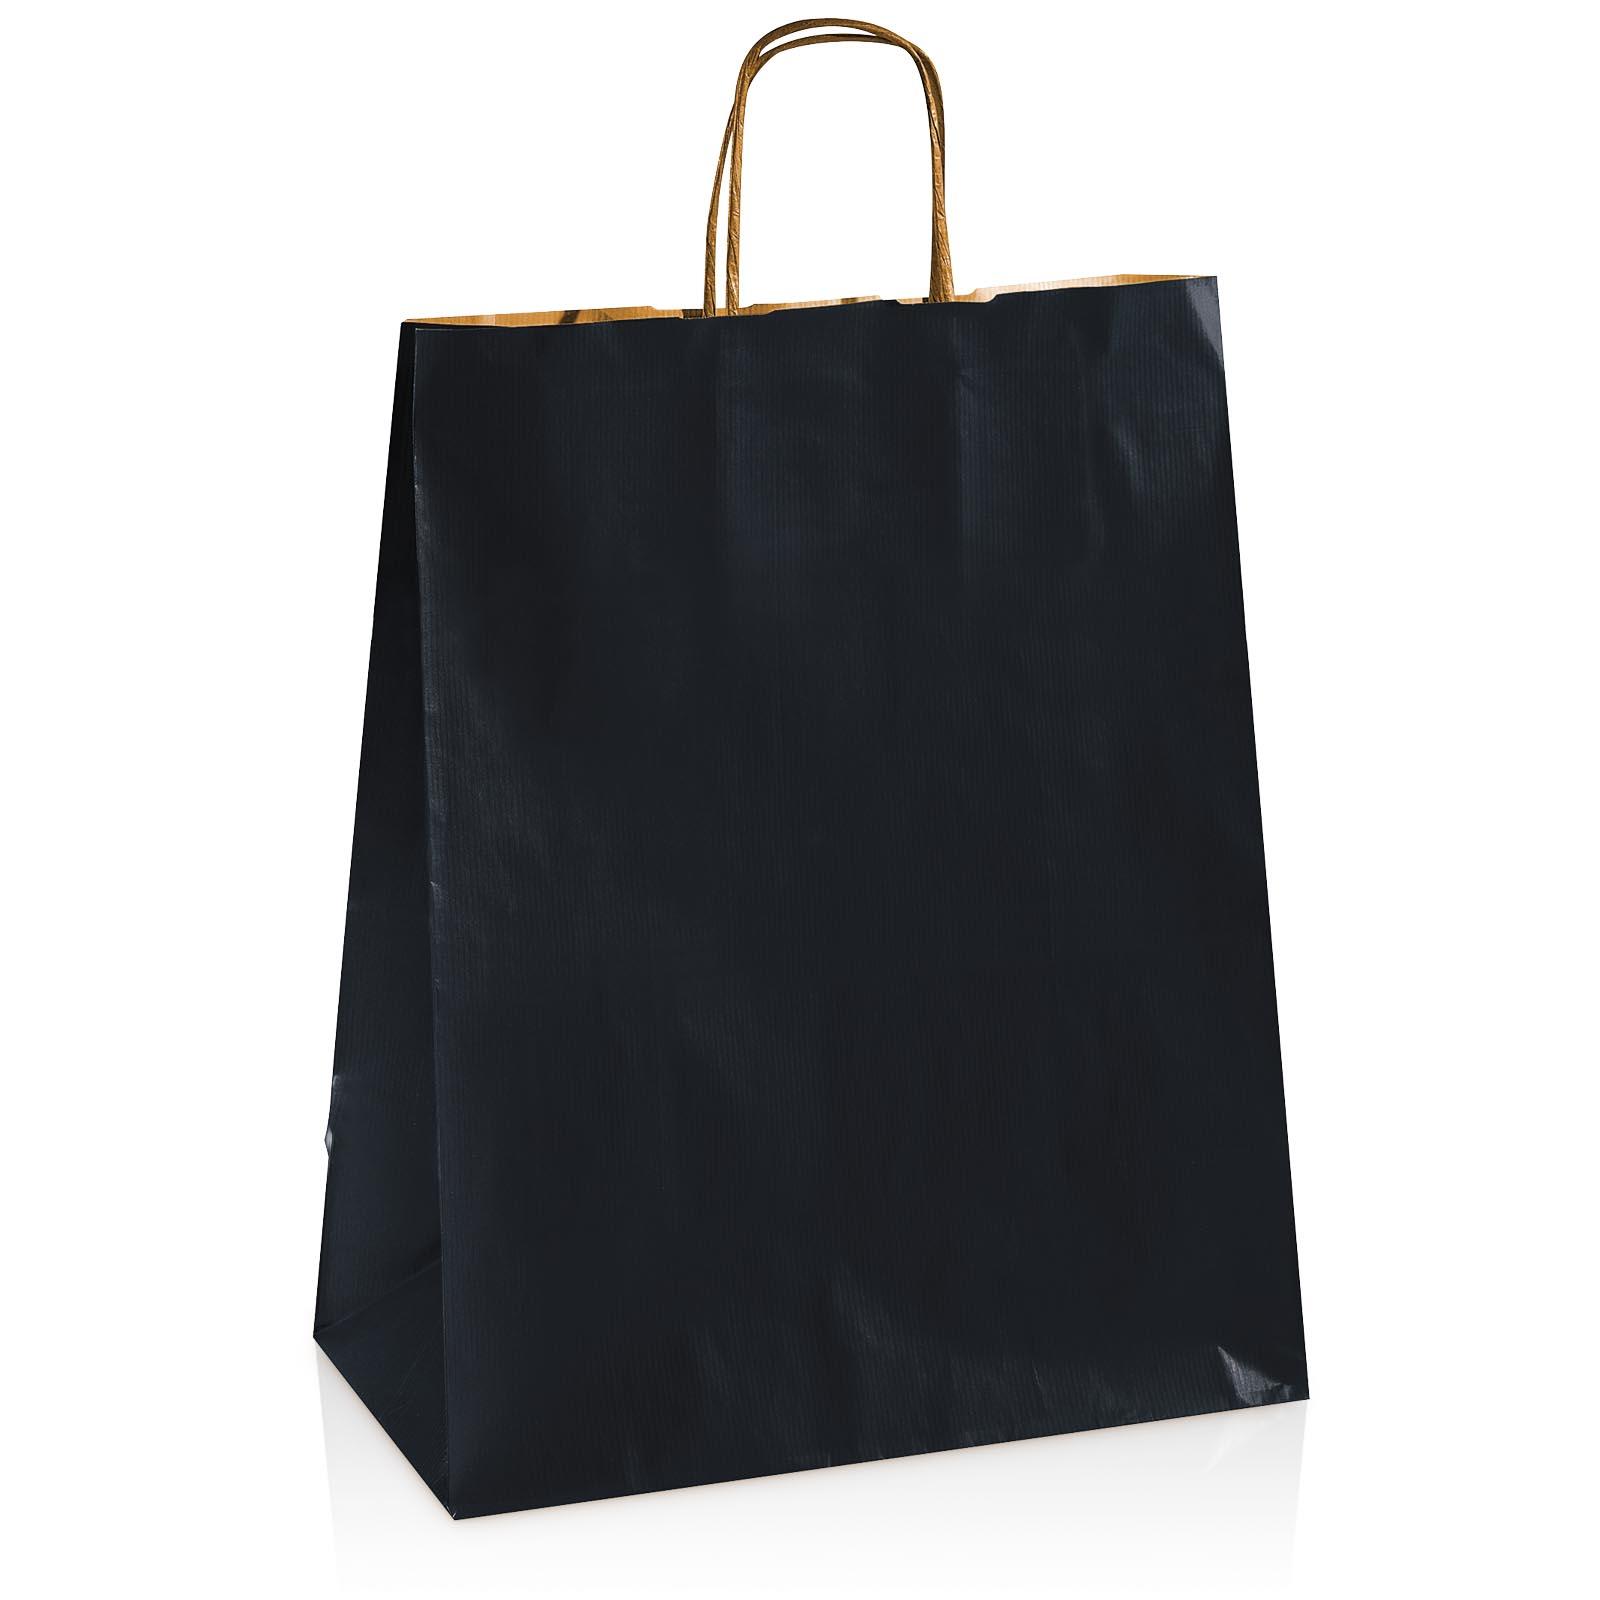 einkaufstasche aus kraftpapier schwarz gro taschen. Black Bedroom Furniture Sets. Home Design Ideas